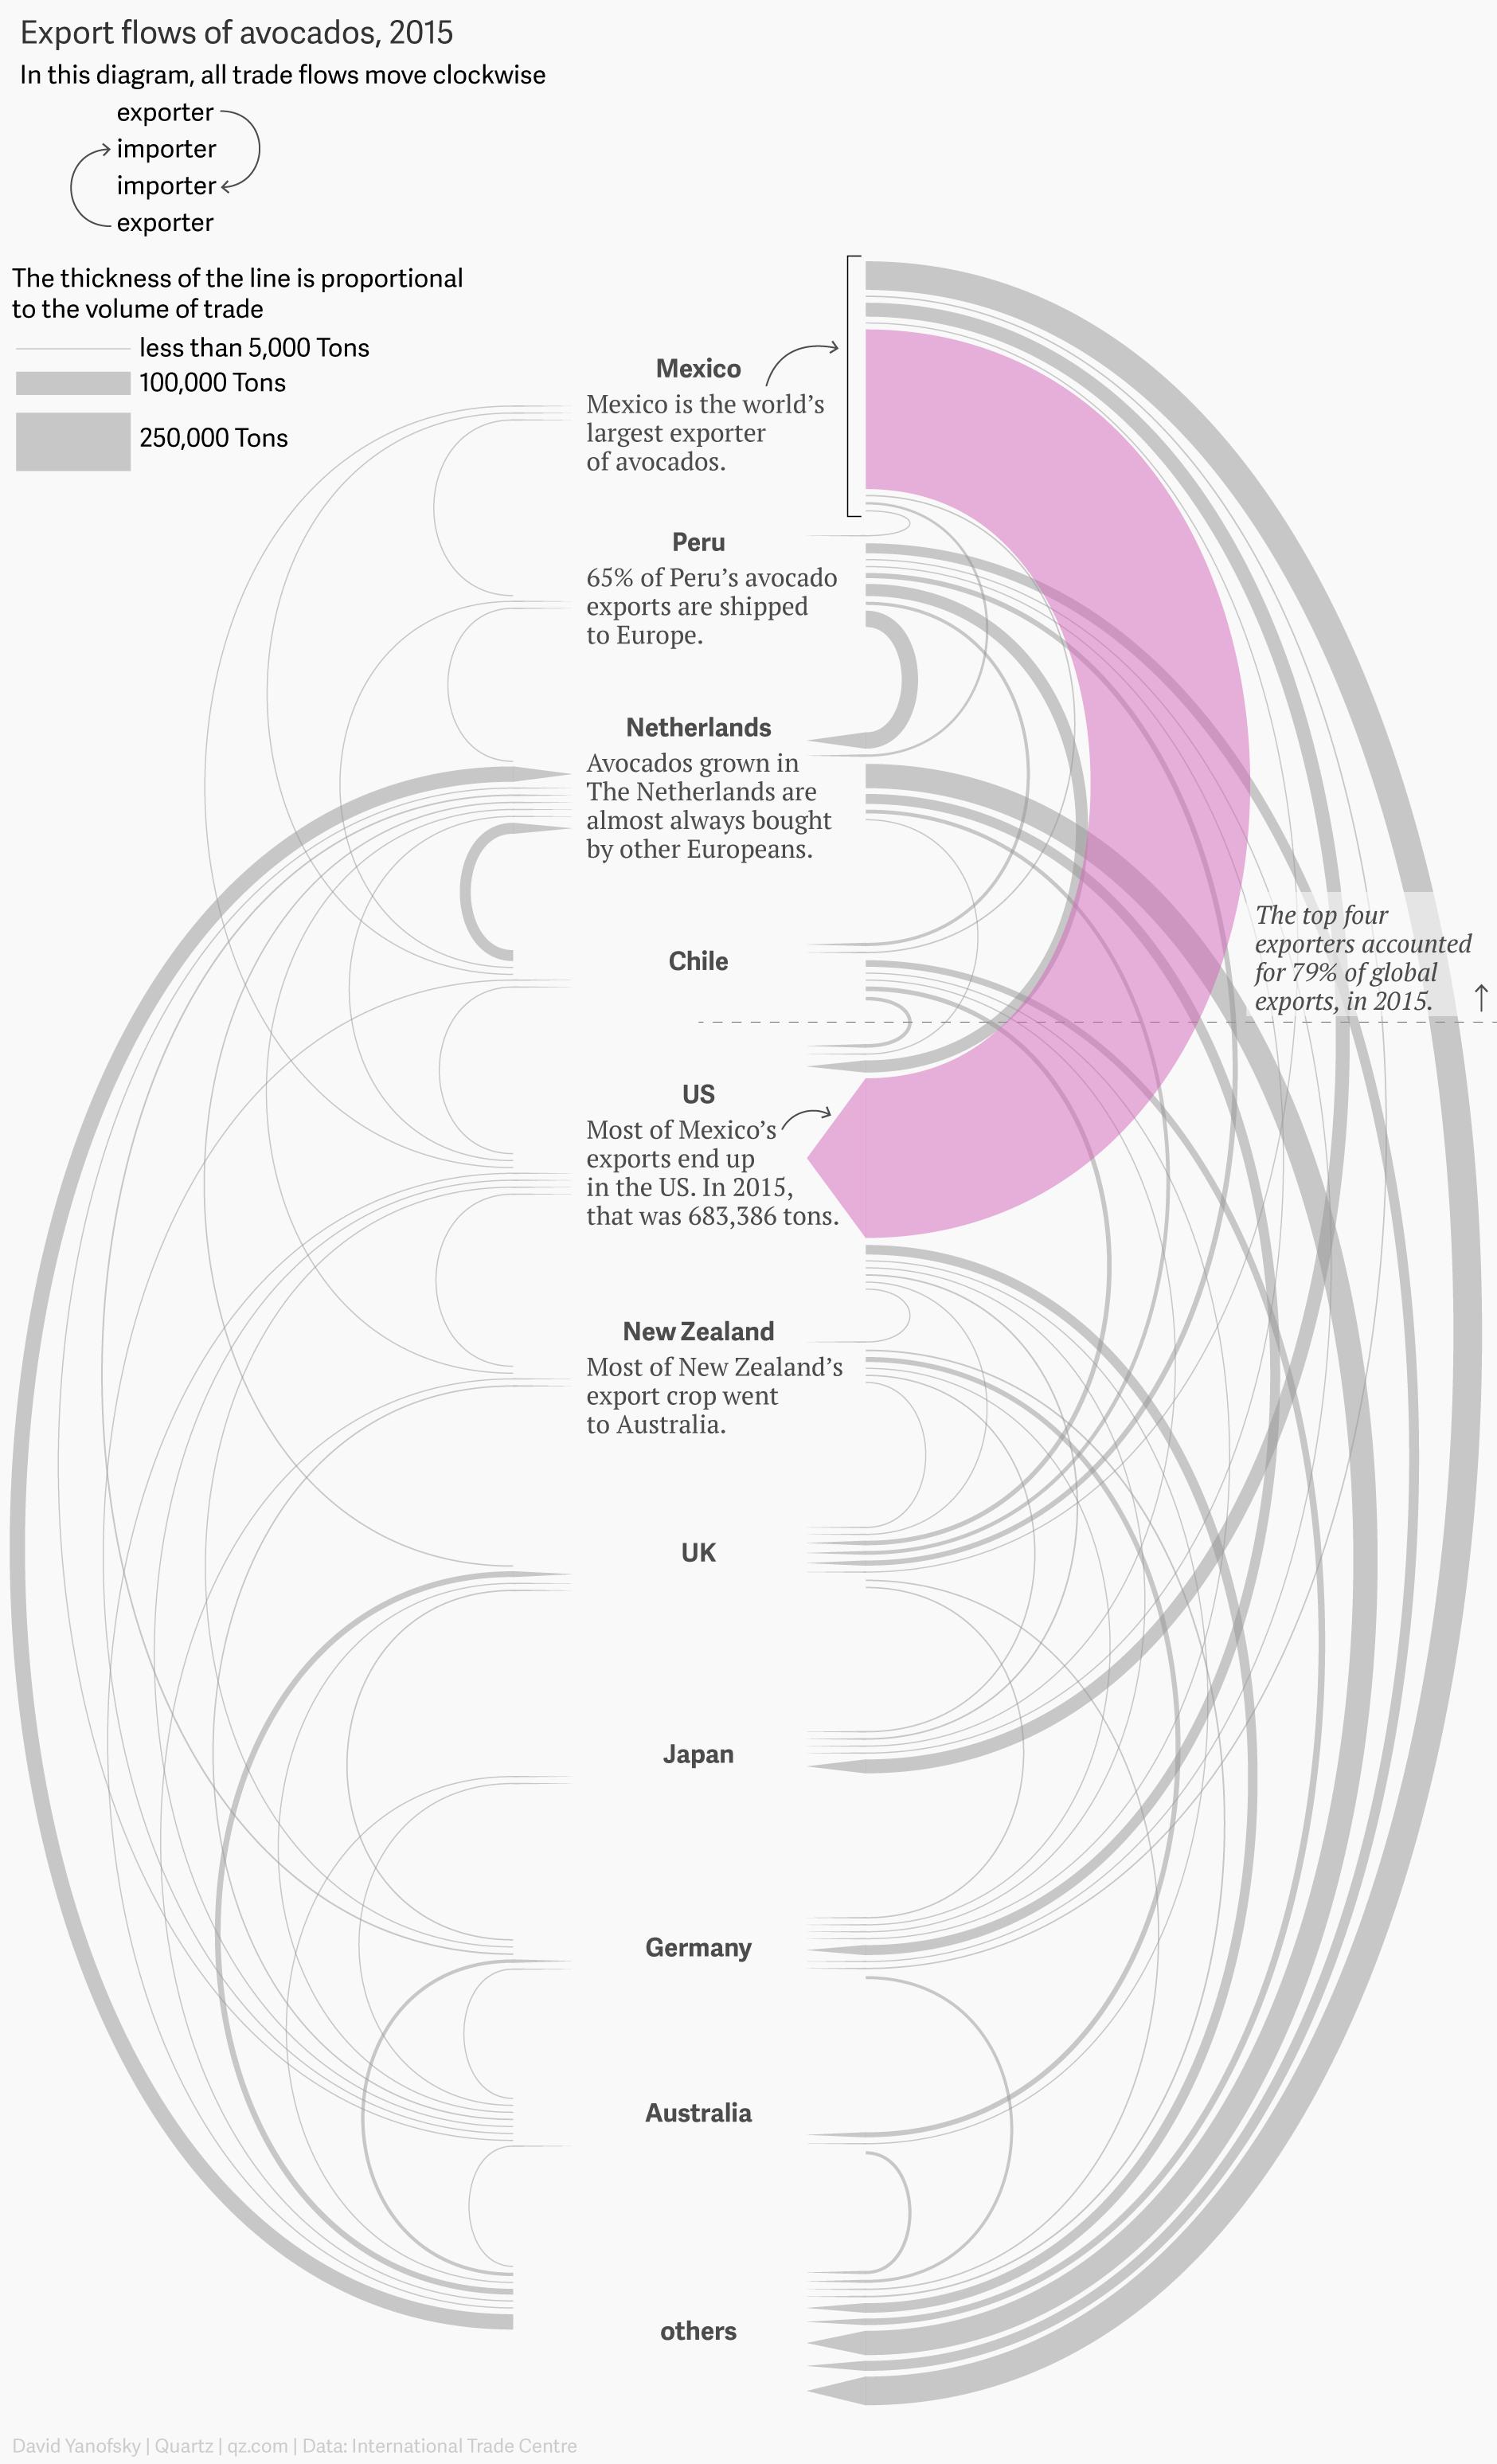 A Diagram Of Avocado Trade Flows Around The World  U2014 Quartz